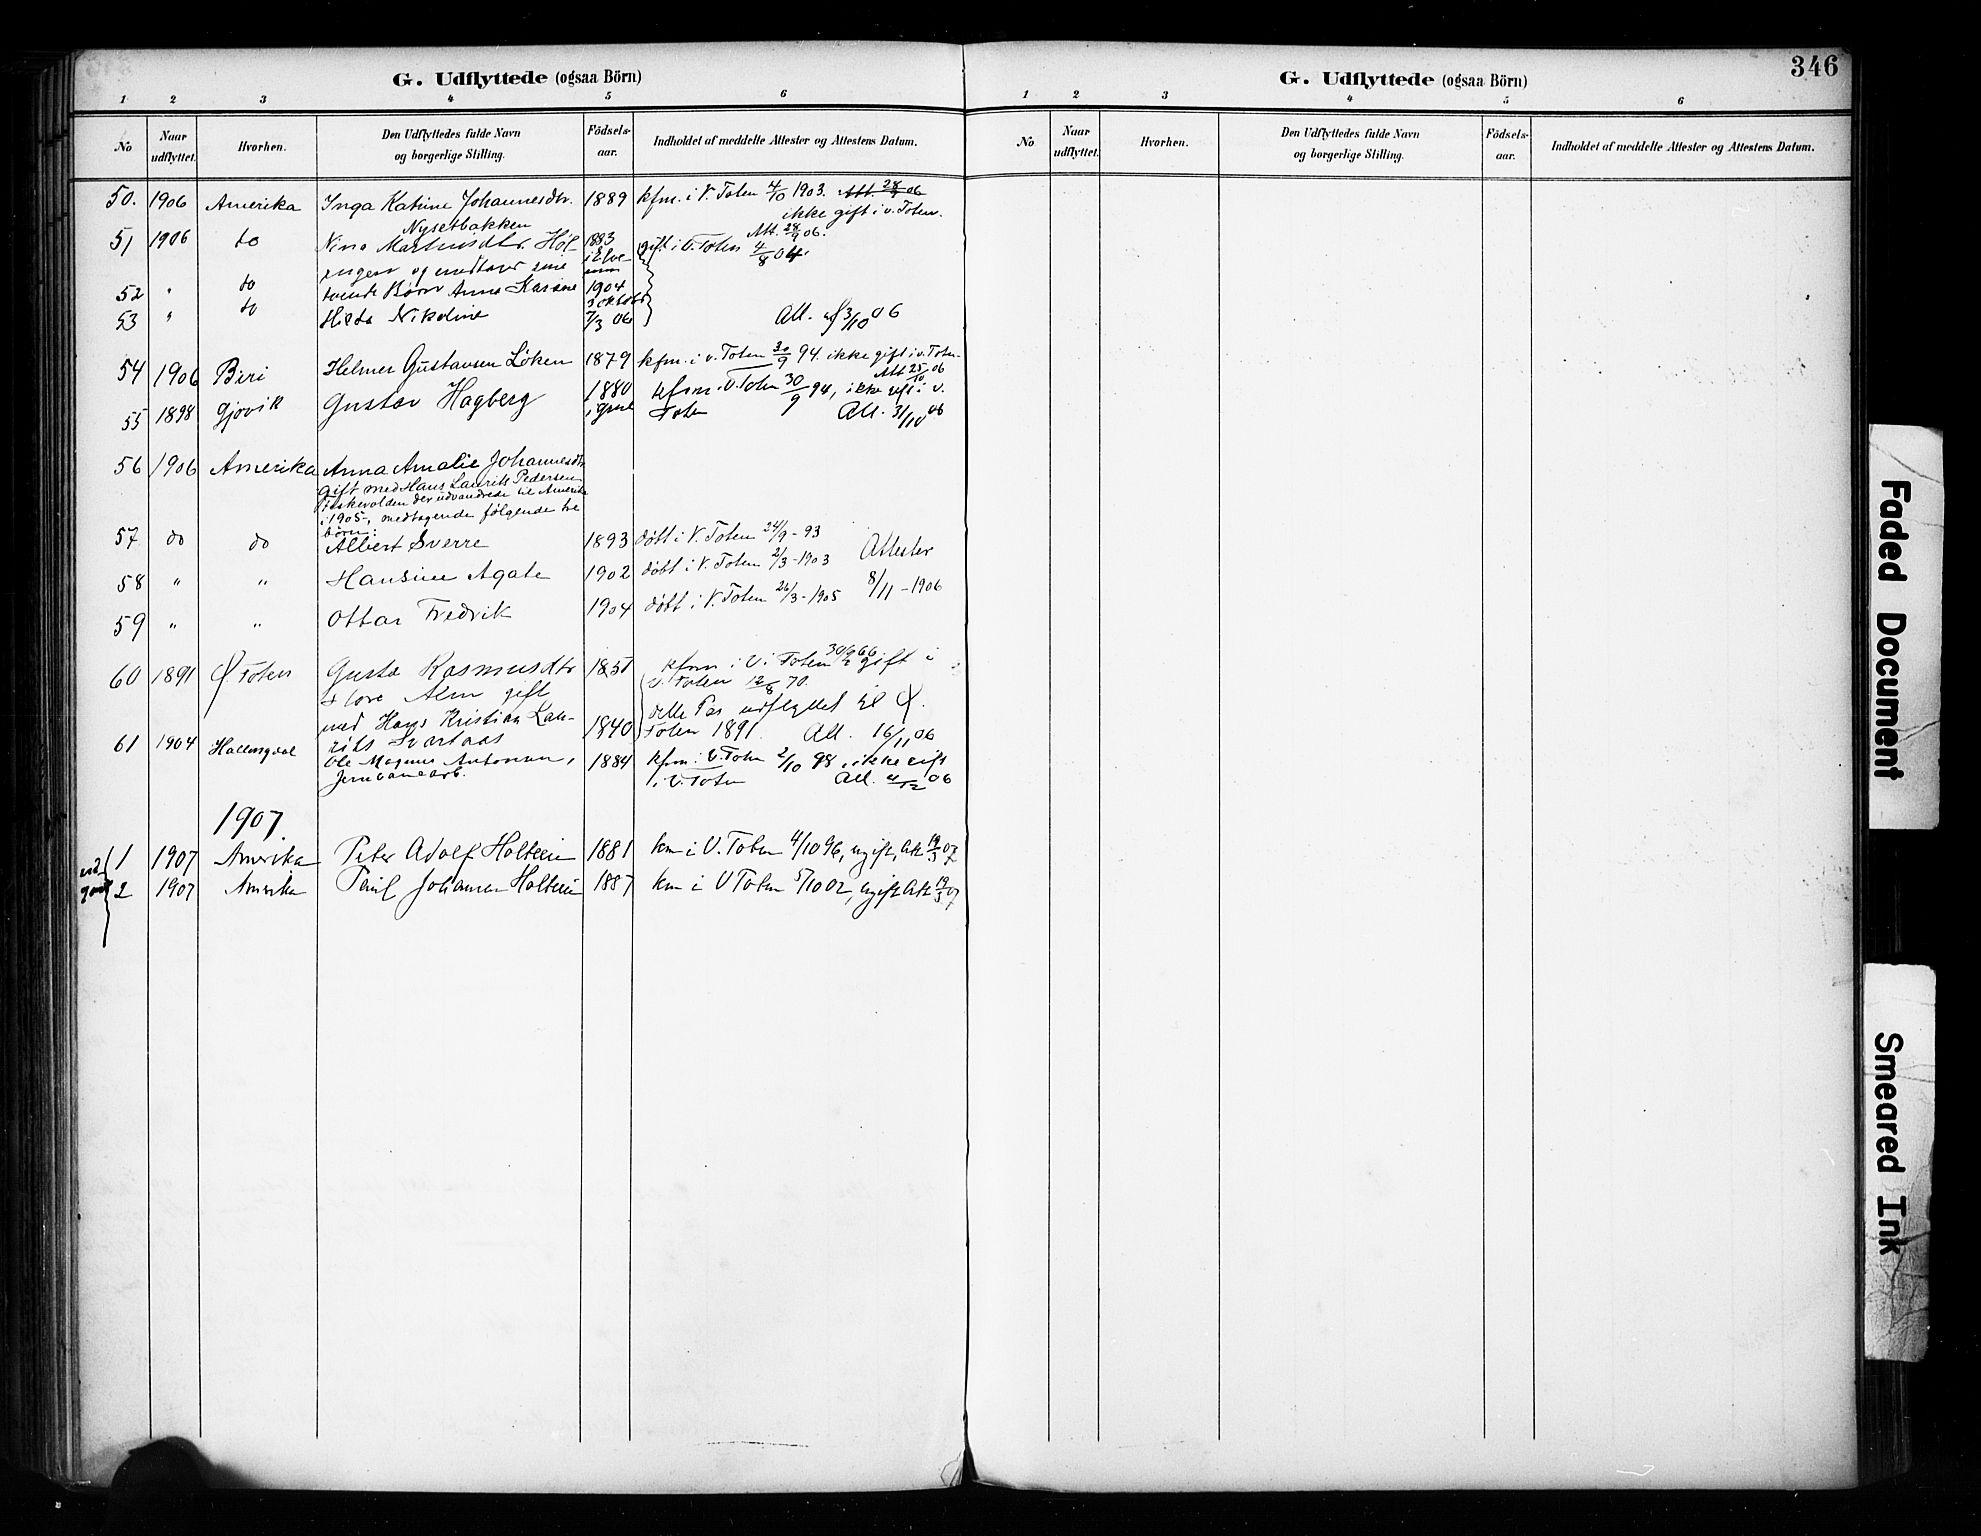 SAH, Vestre Toten prestekontor, Ministerialbok nr. 11, 1895-1906, s. 346